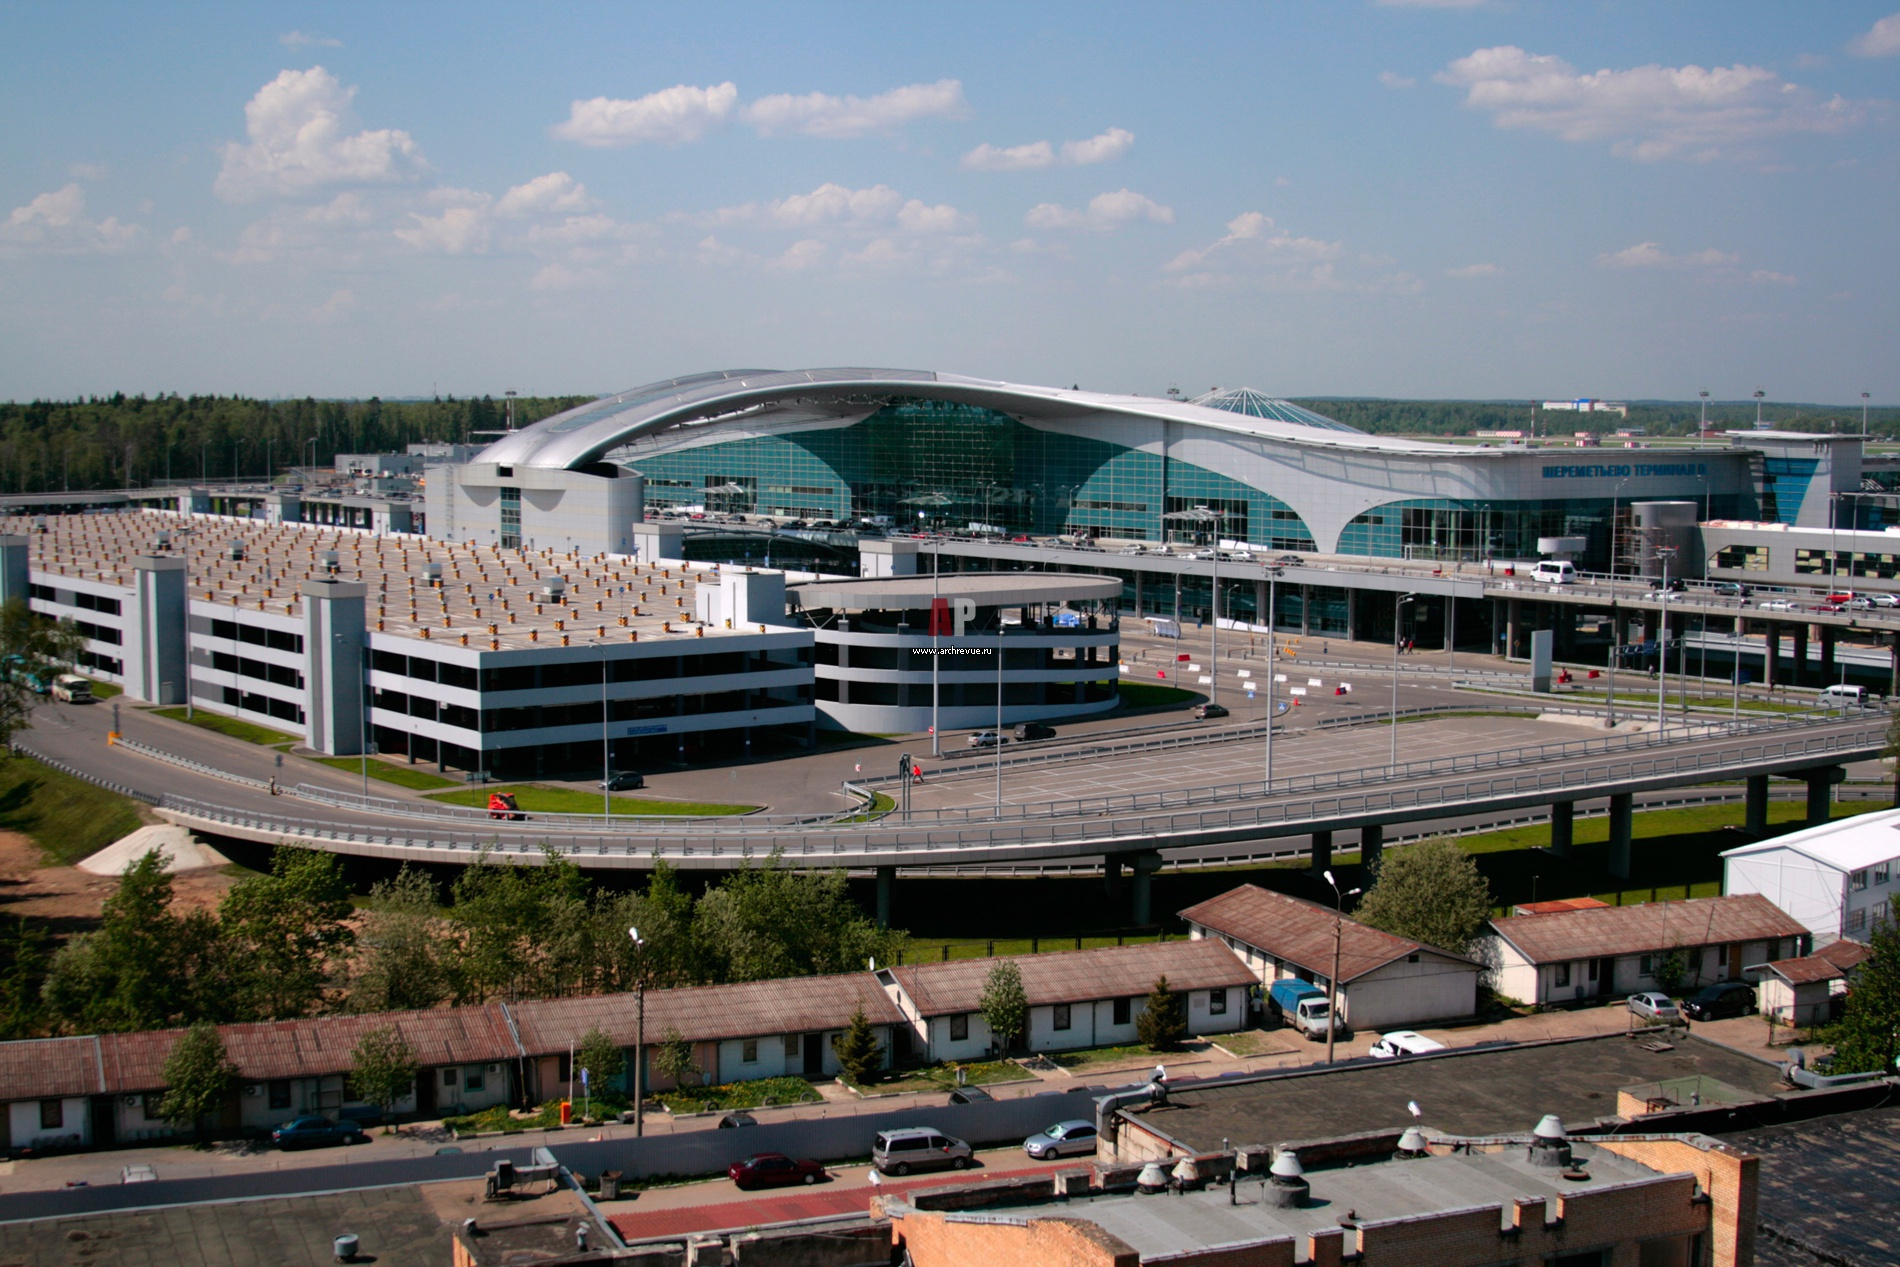 Smoking at Sheremetyevo International Airport SVO